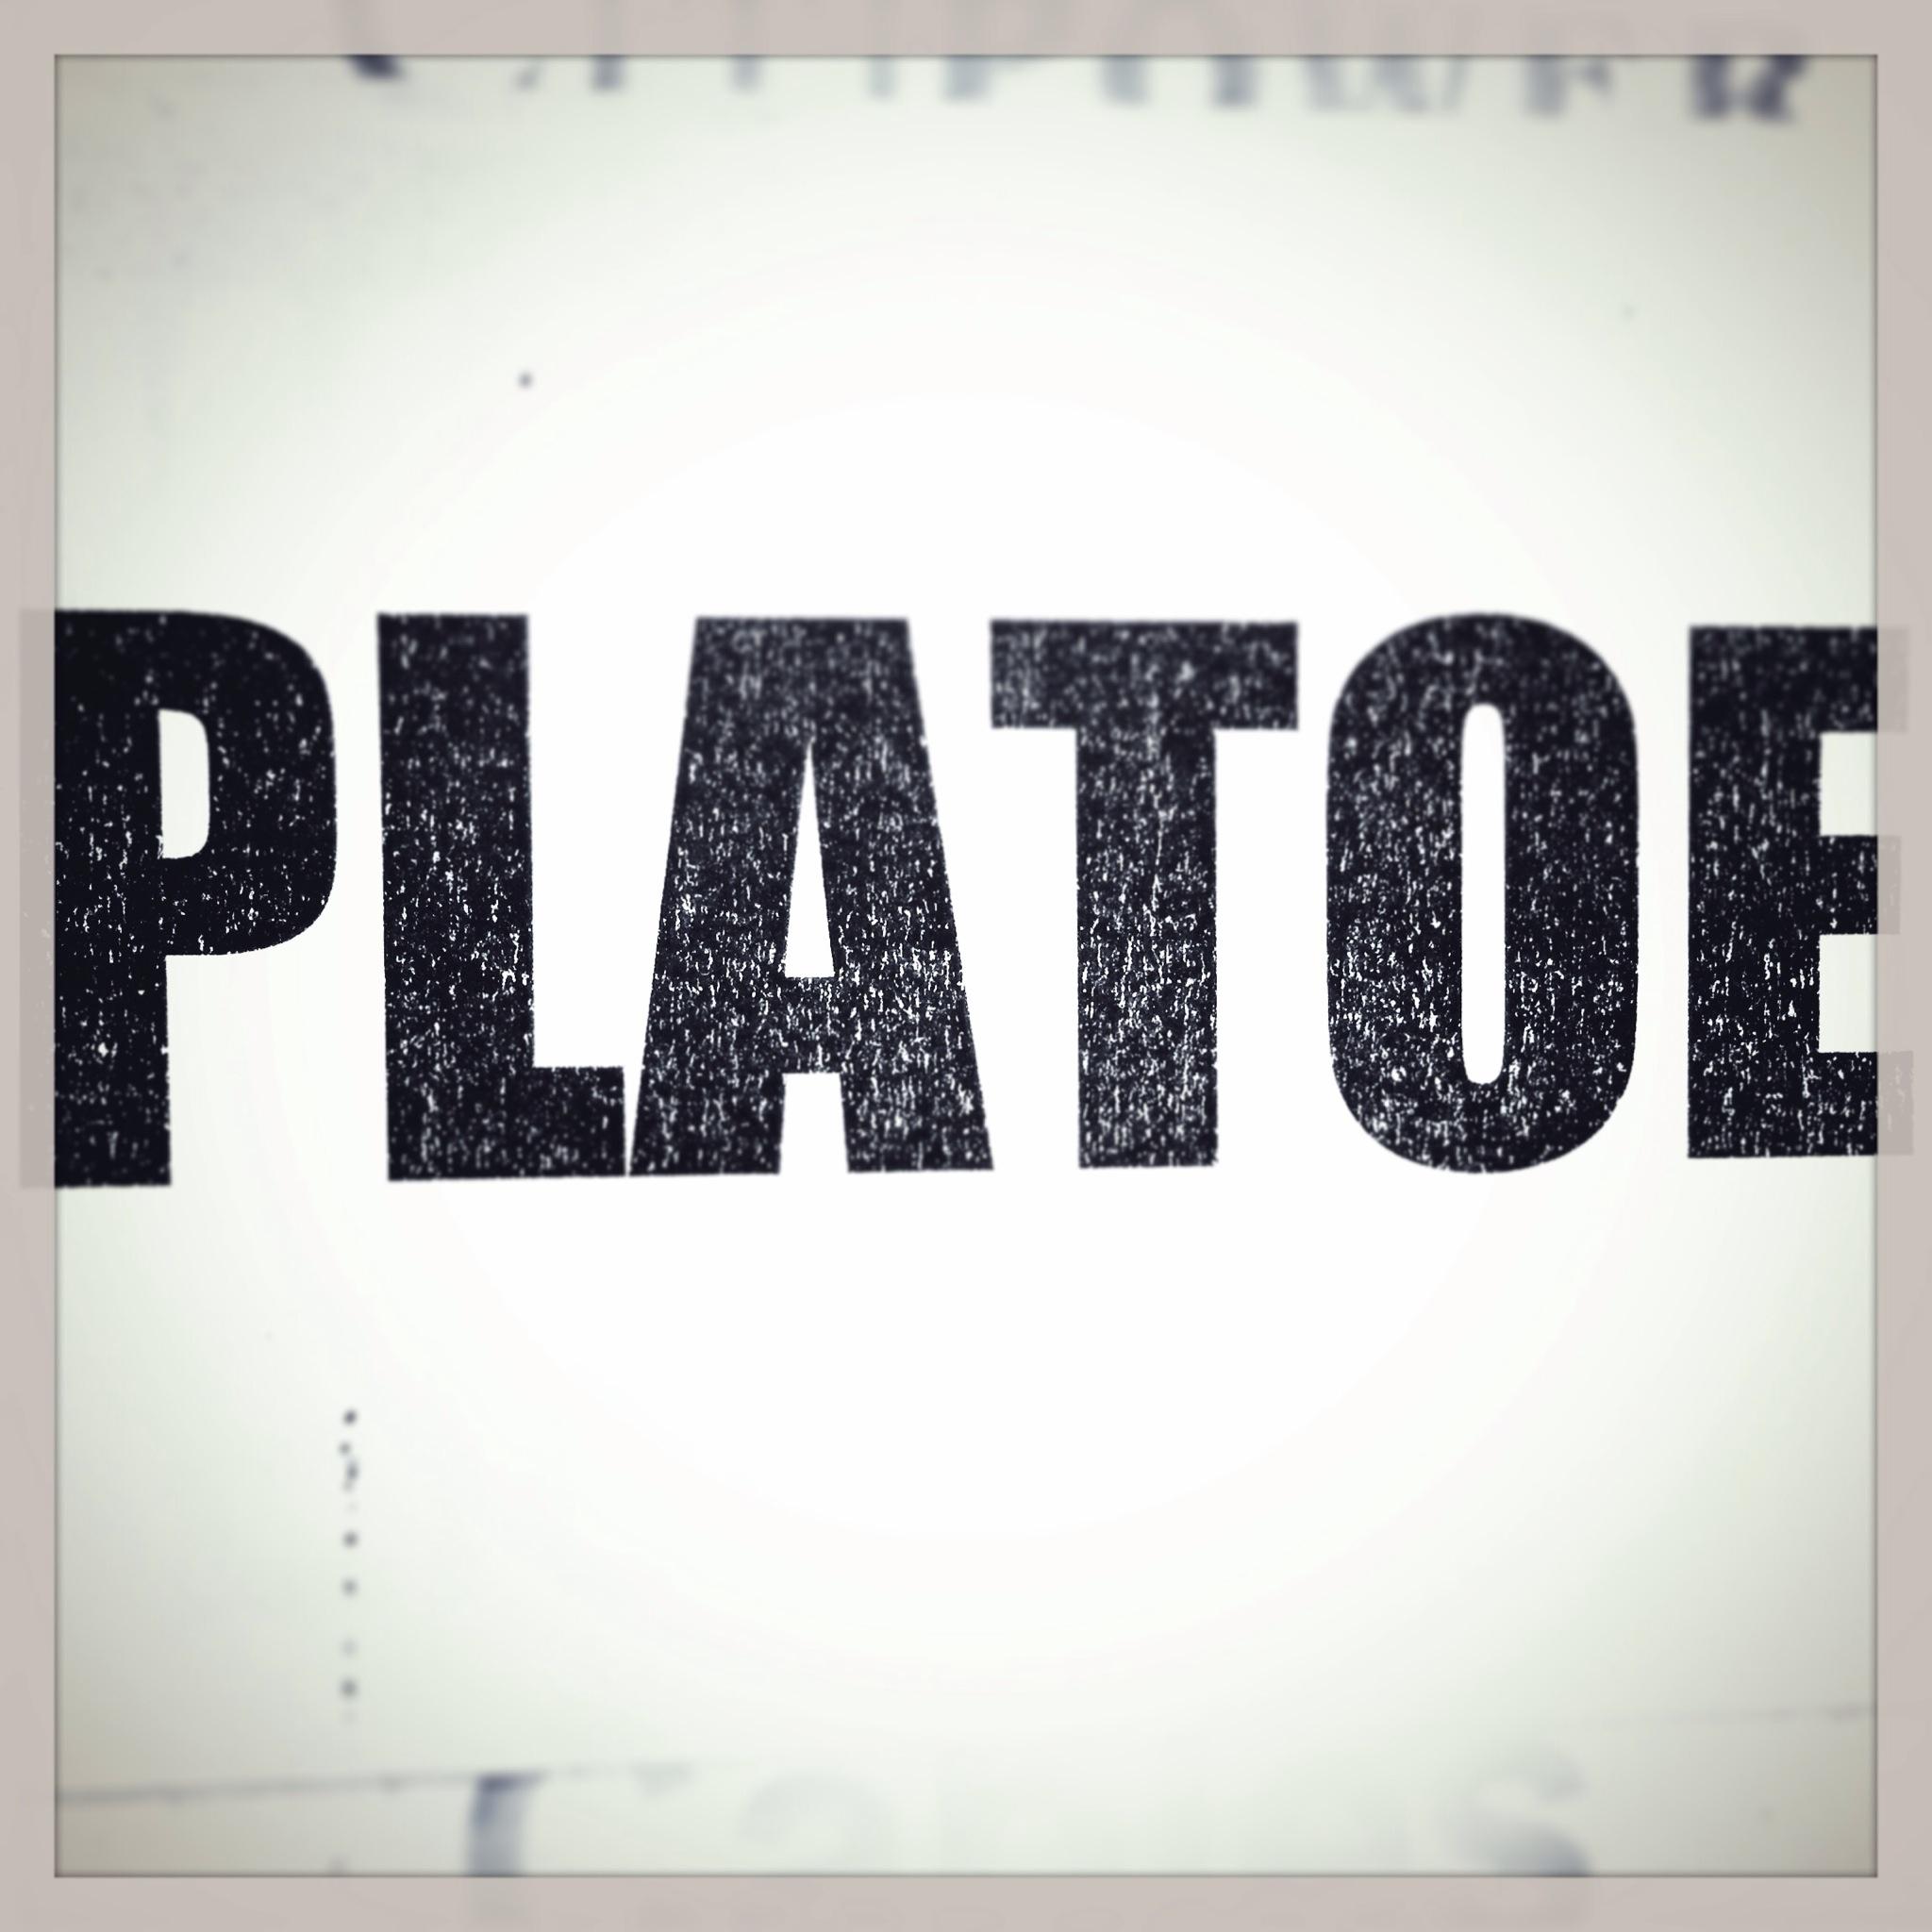 Day 1325. plat'oe…